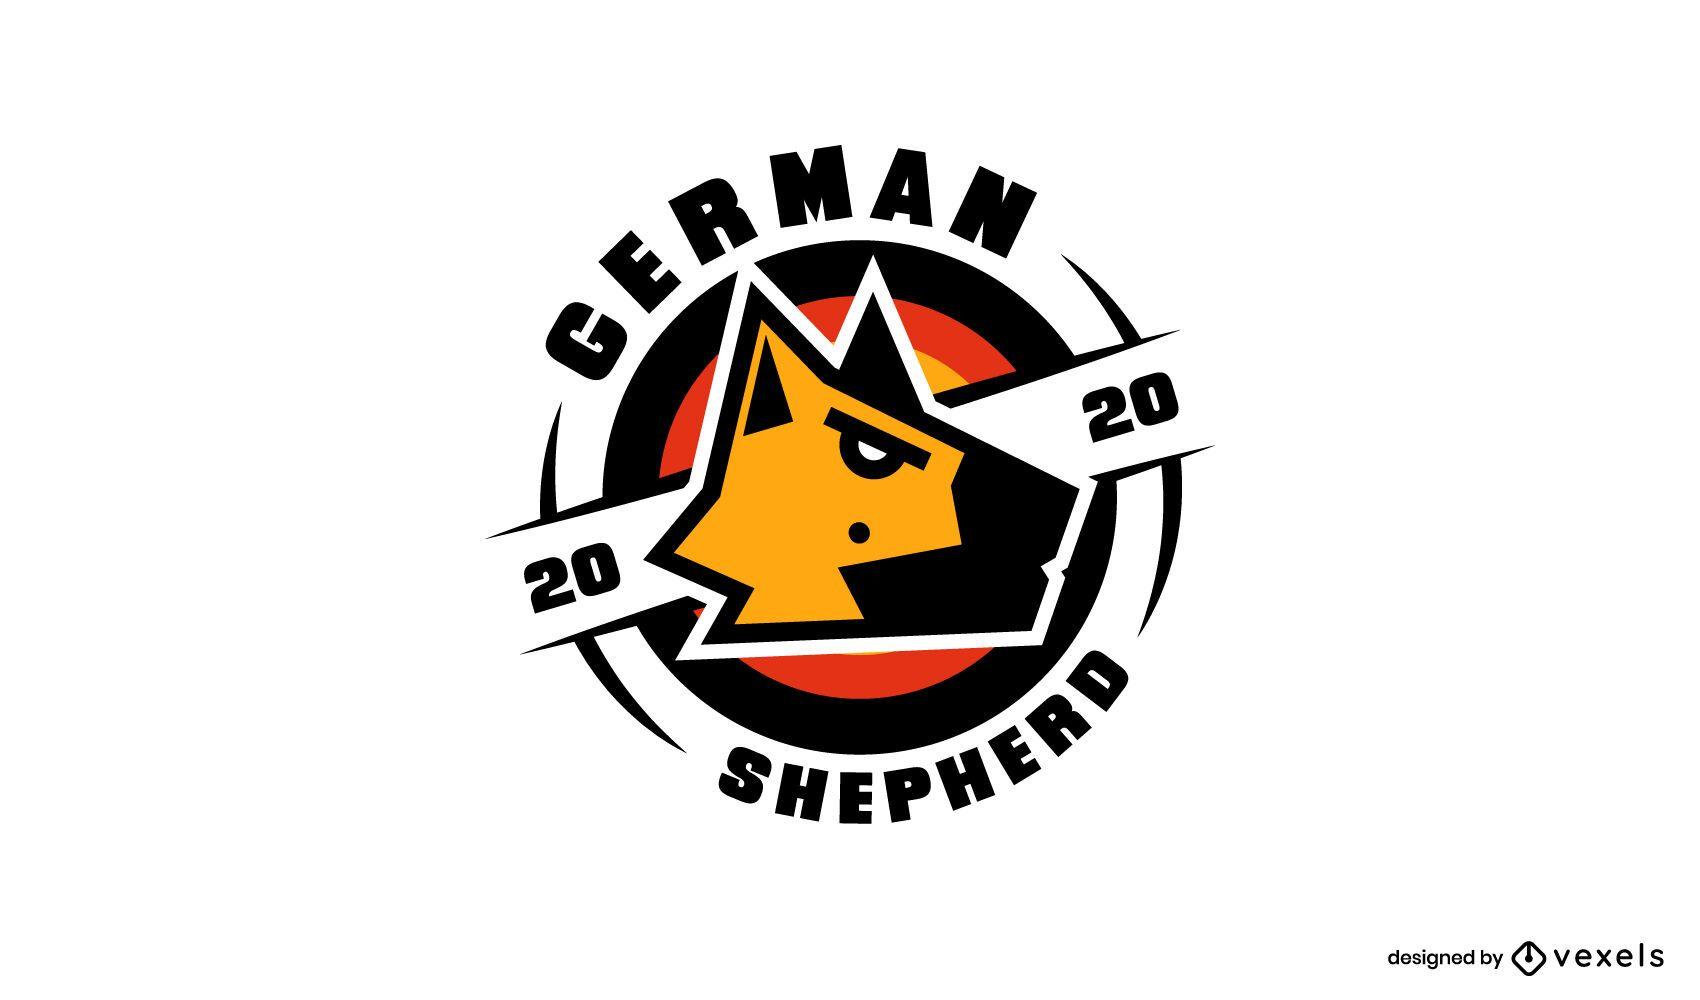 Modelo de design de logotipo de pastor alemão